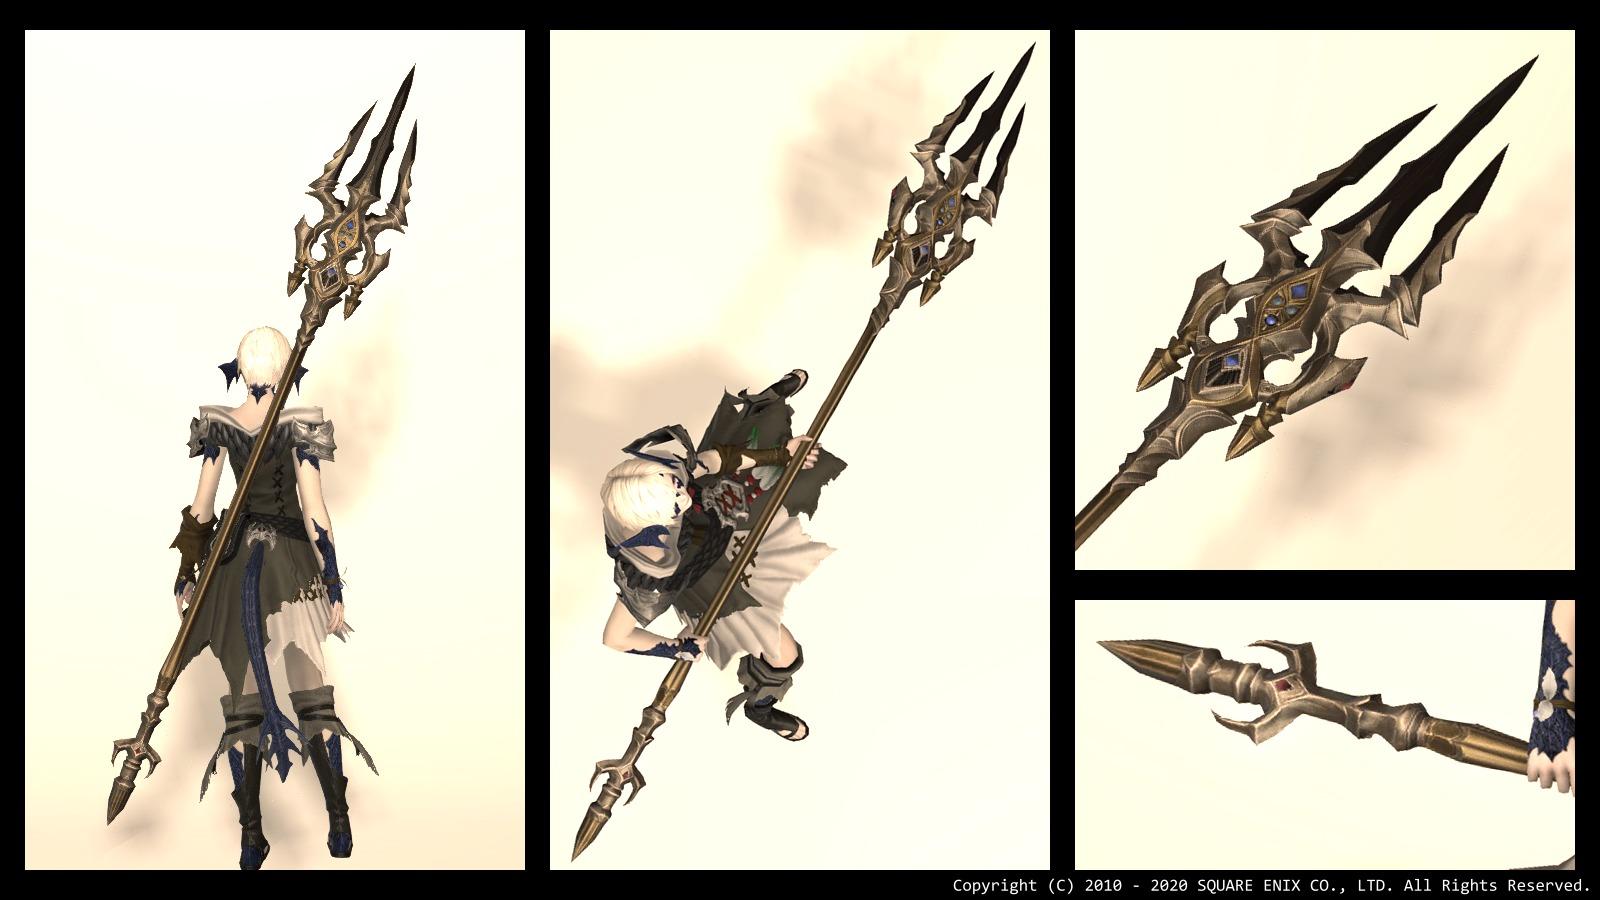 480c-drg-arms